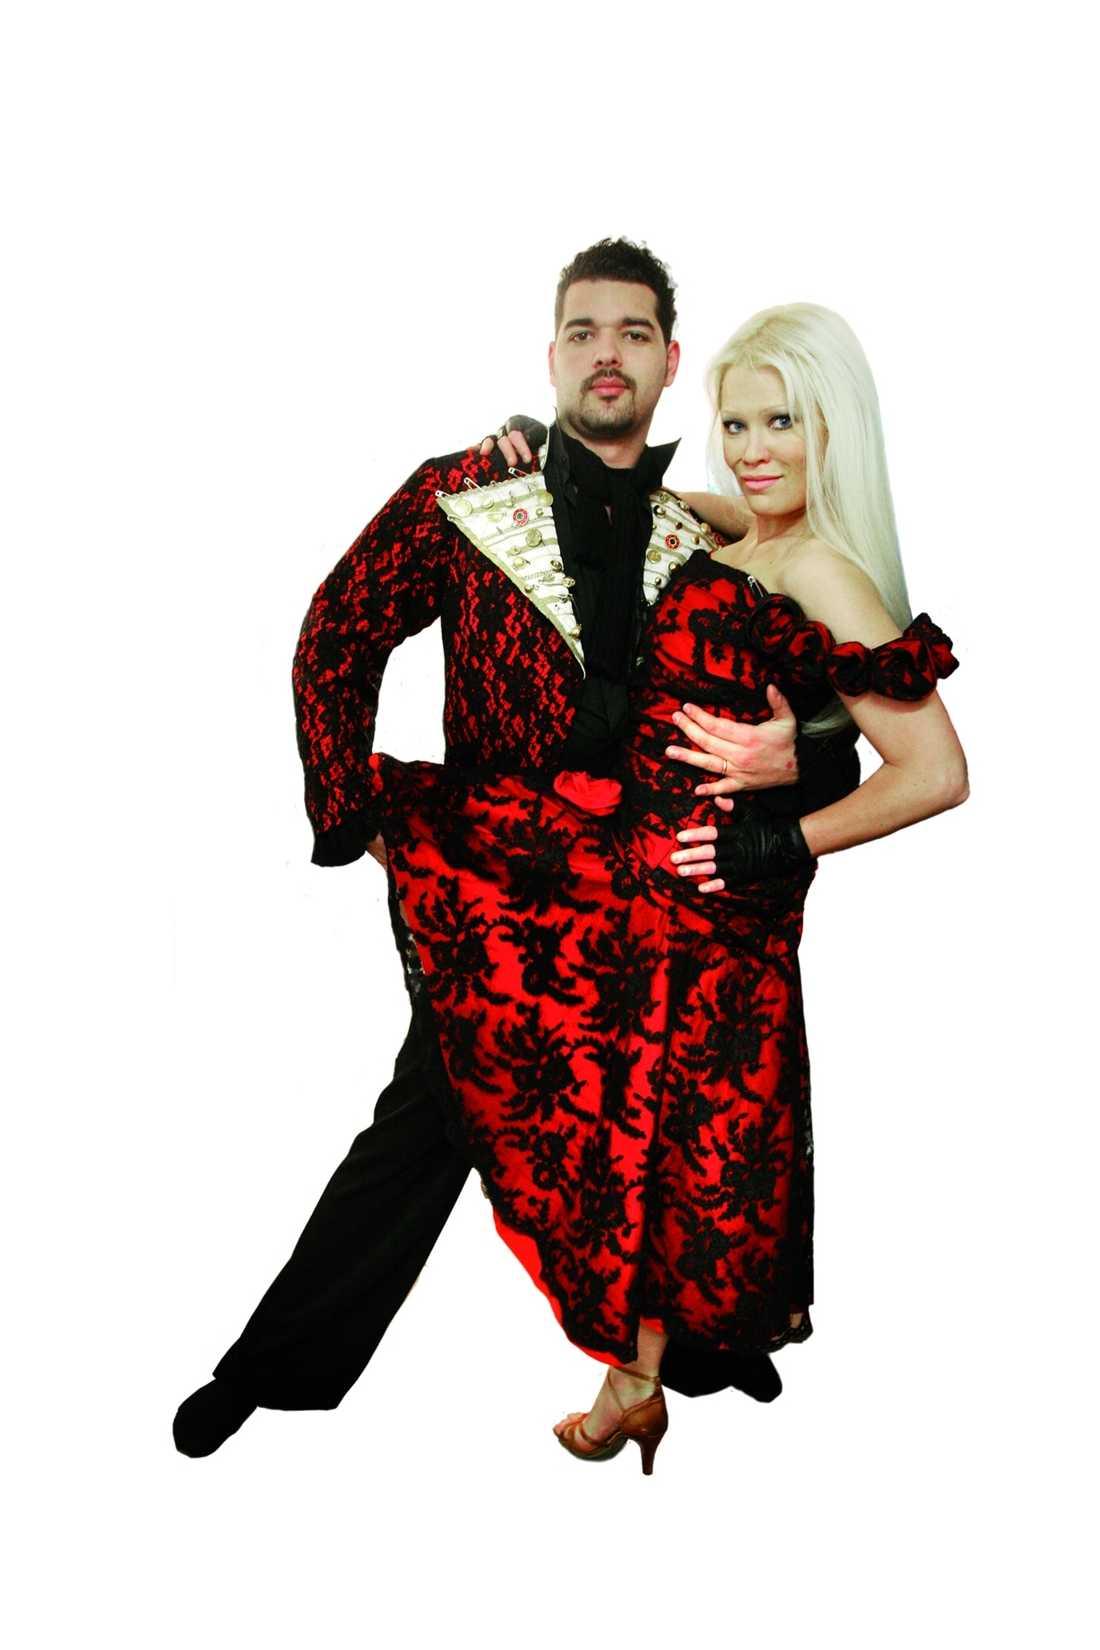 Daniel da Silva och Linda Lampenius drar en tango.